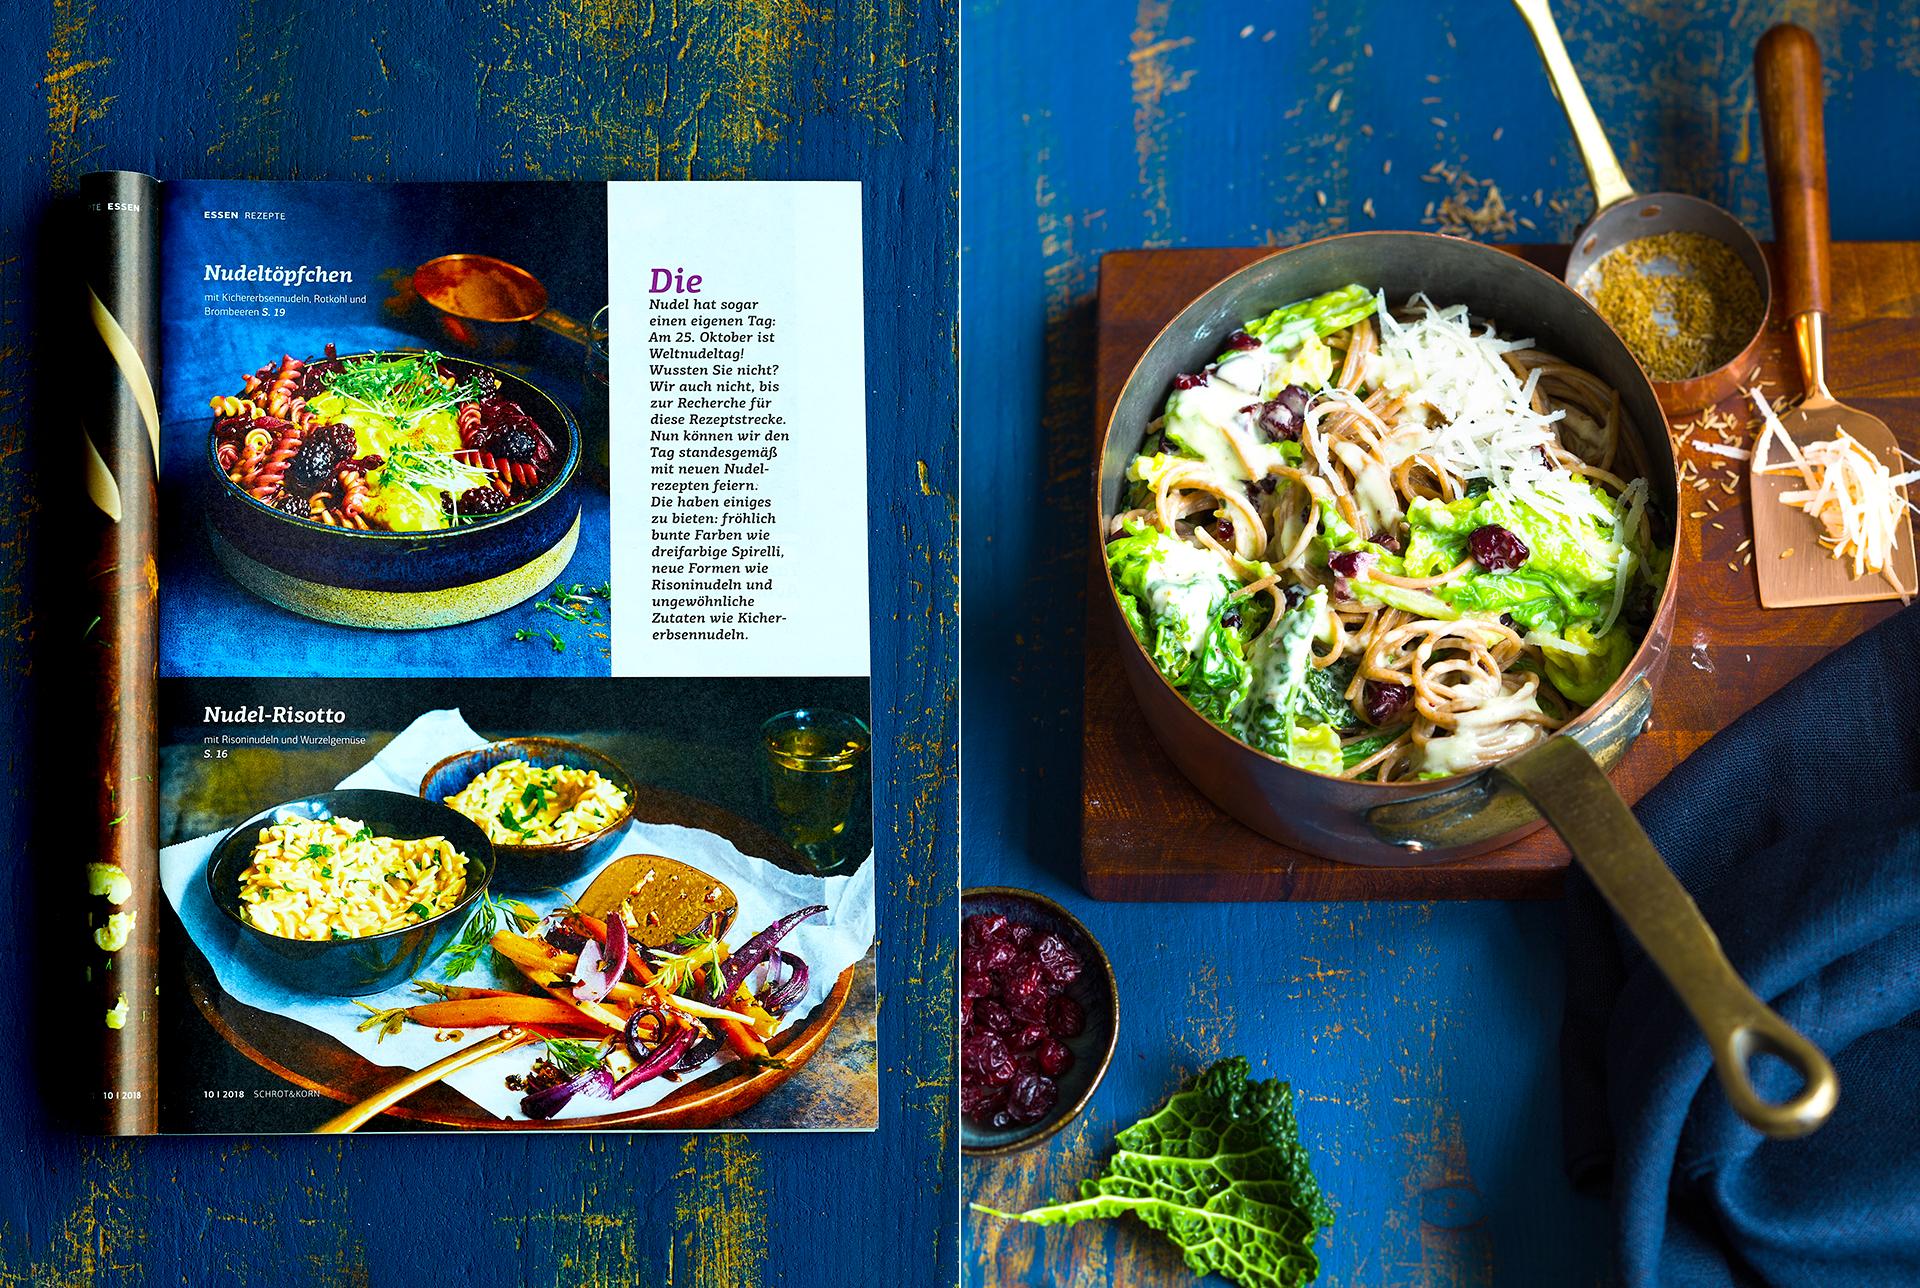 Schrot und Korn Ausgabe 10/2018. One-Pot Nudeltopf mit Spaghetti, Mascarpone, Cranberry, Wirsing und Parmesan fotografiert von Katrin Winner